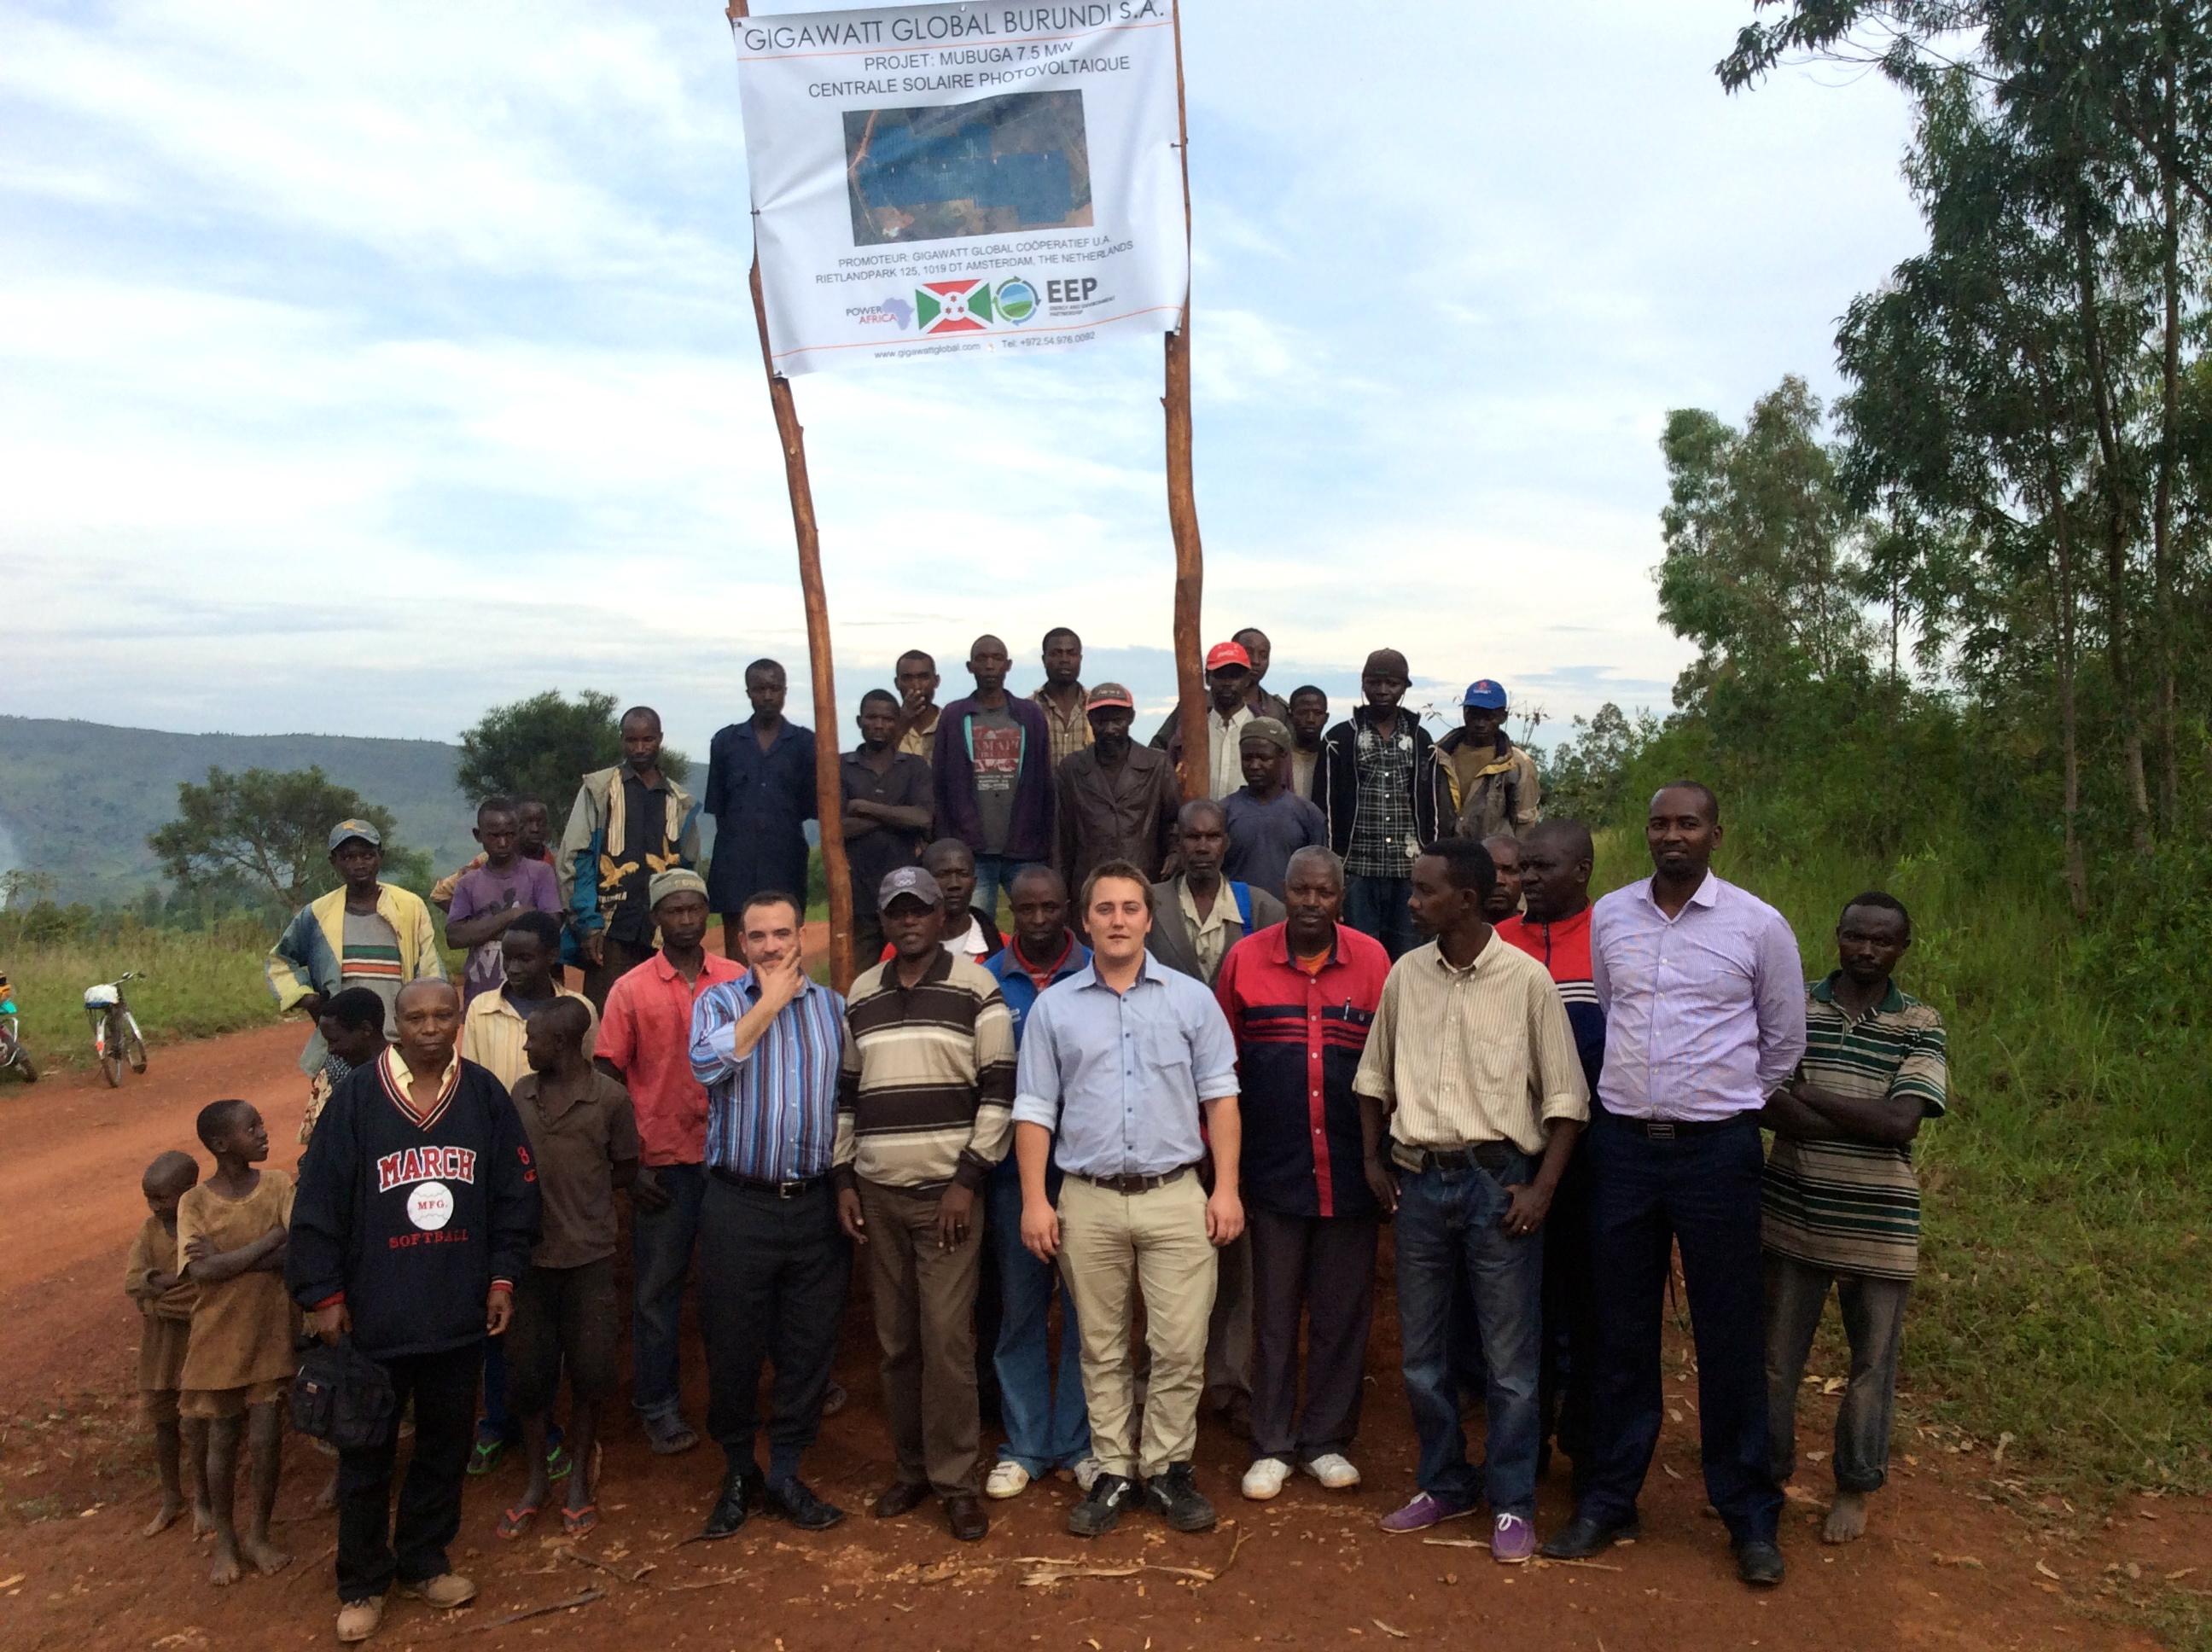 GigaWatt Global Solar project in Burundi